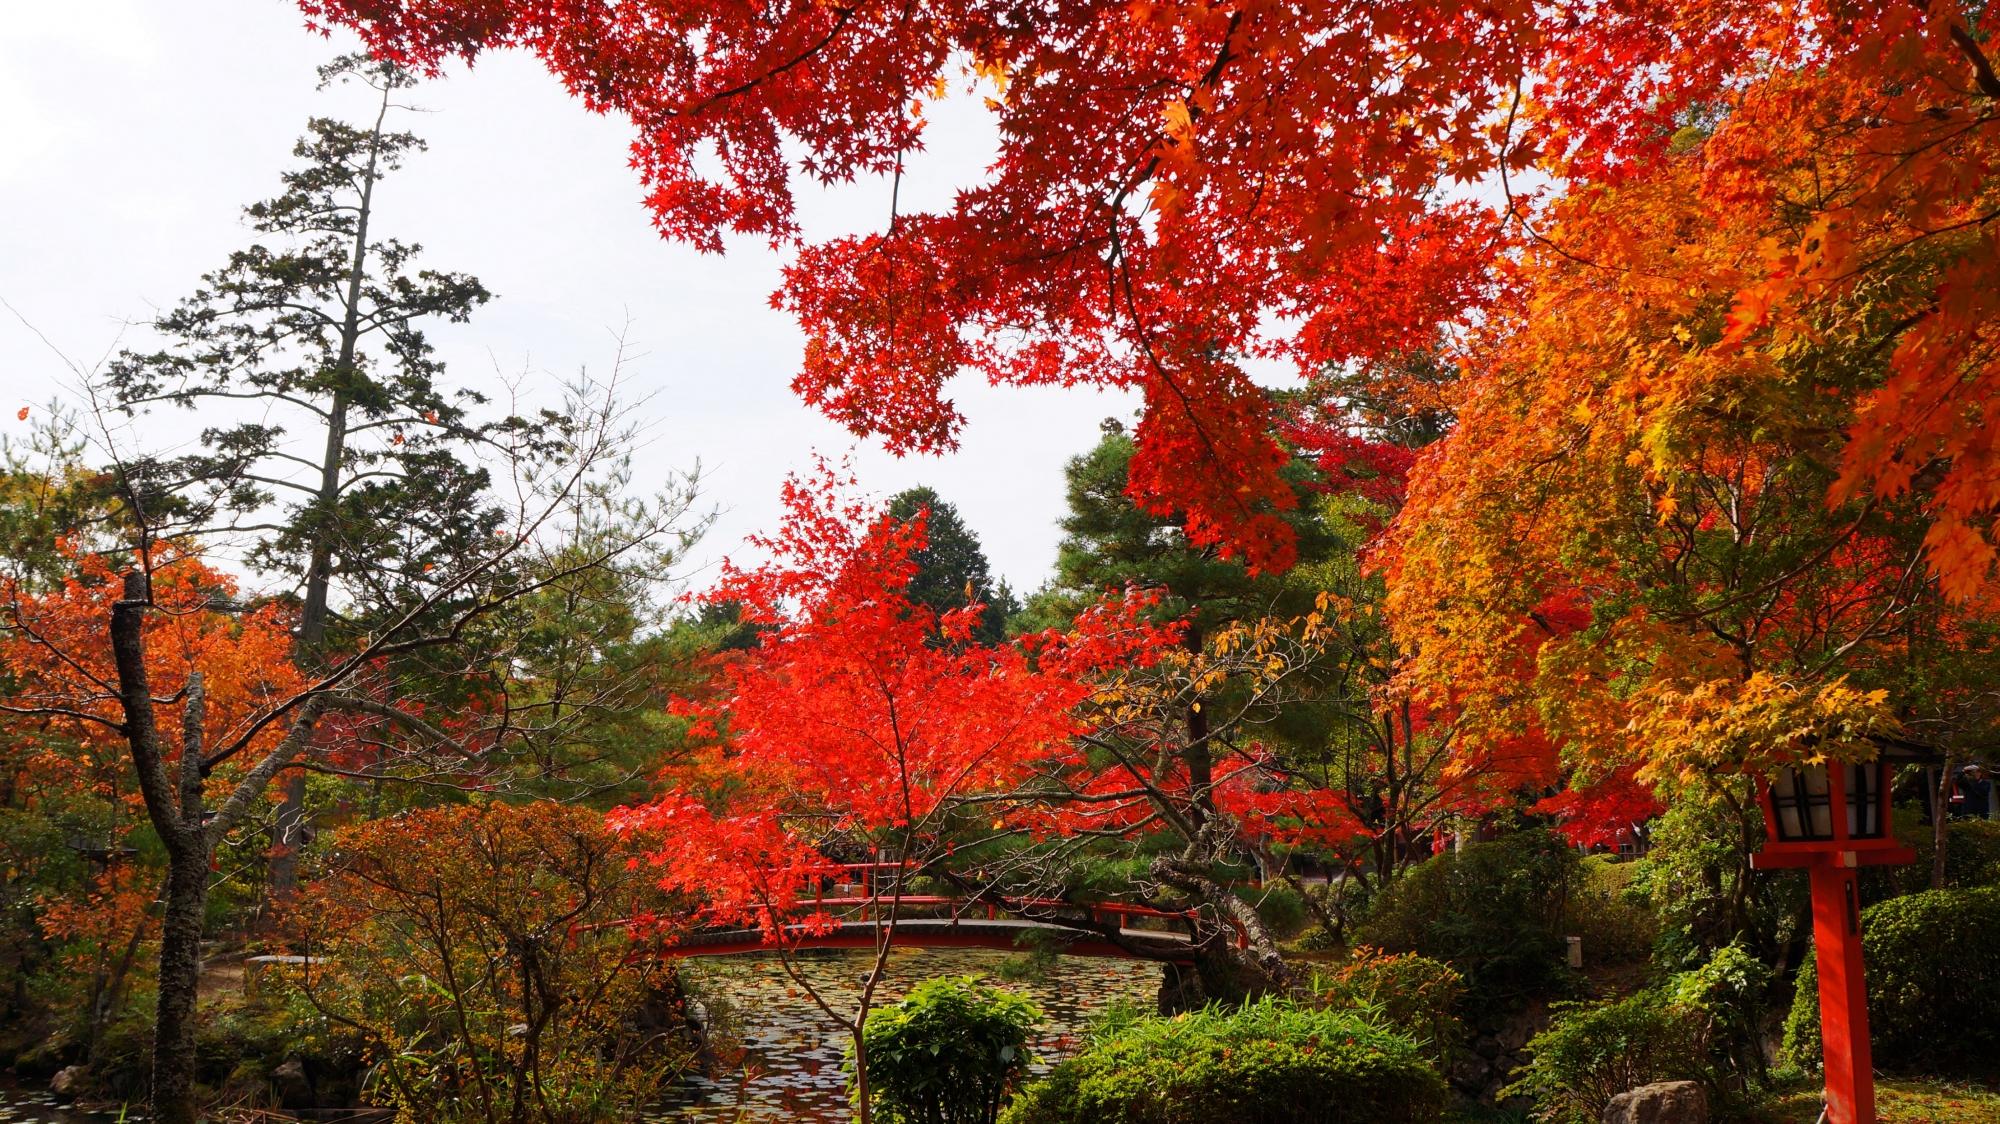 色とりどりの紅葉が溢れる大原野神社の鯉沢の池